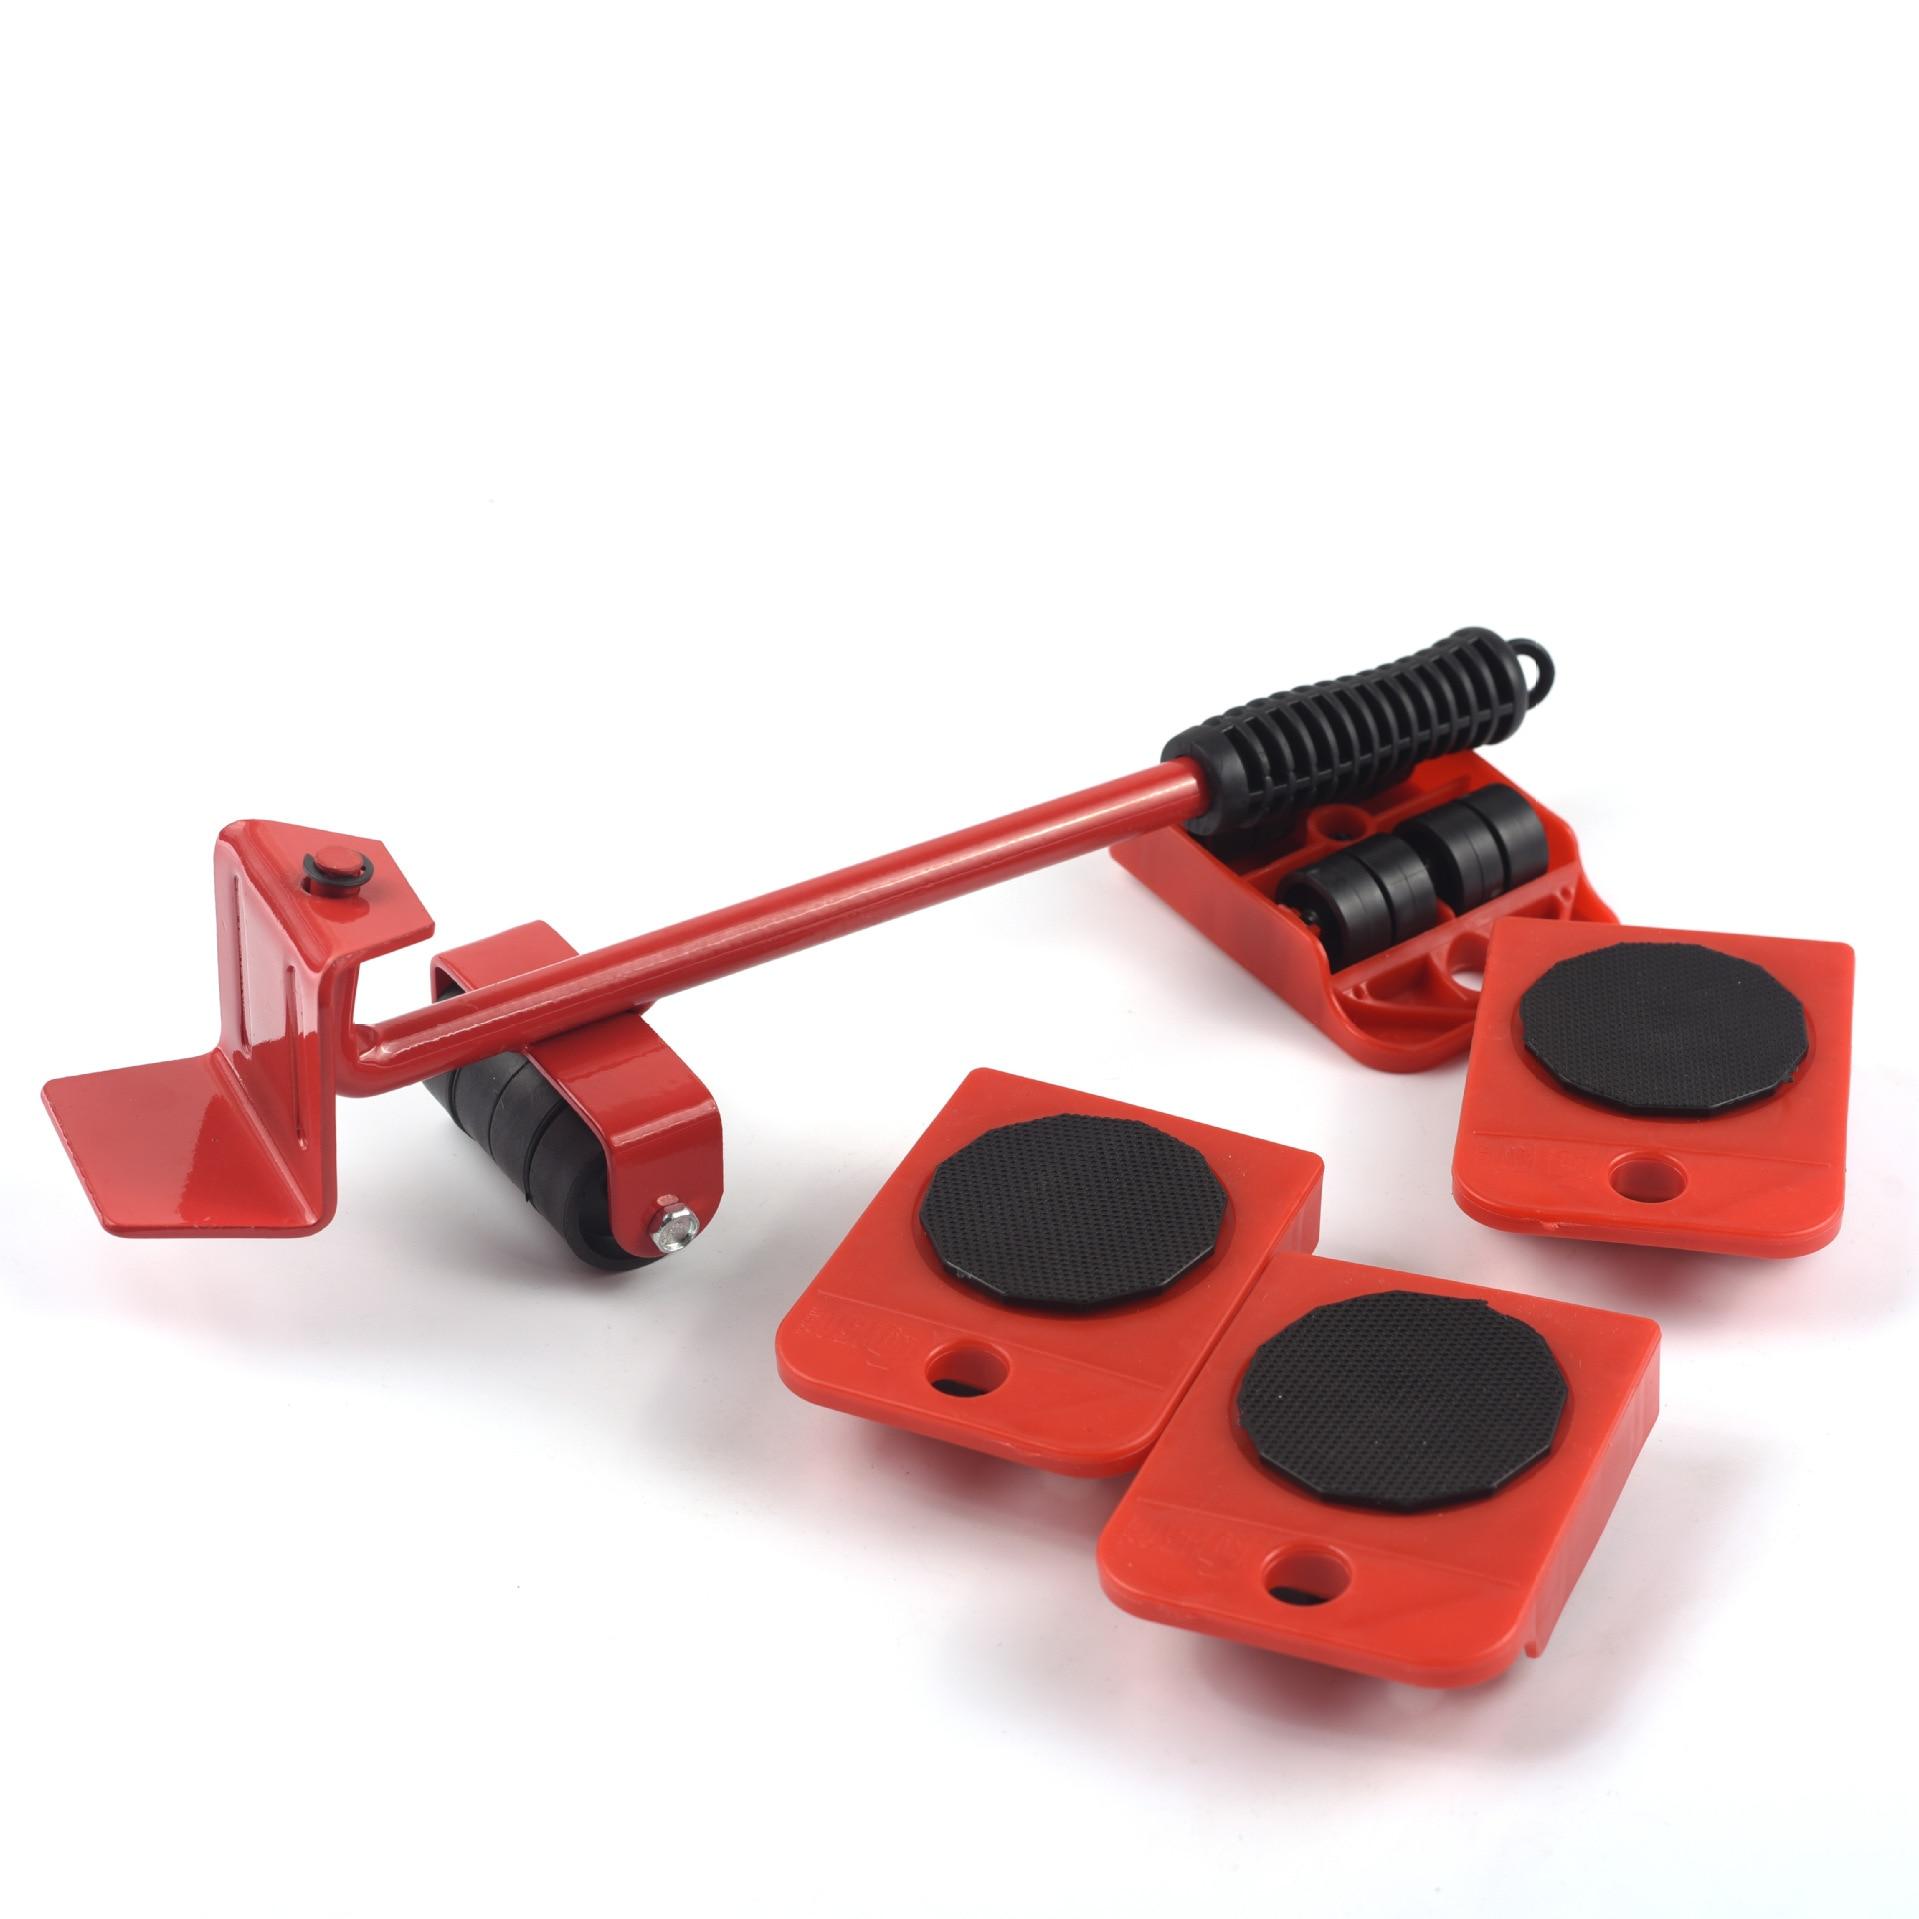 Тяжелая мебель Перевозчик набор бытовой слайд-подъемник 4 ролик + 1 колесо бар ручной инструмент набор